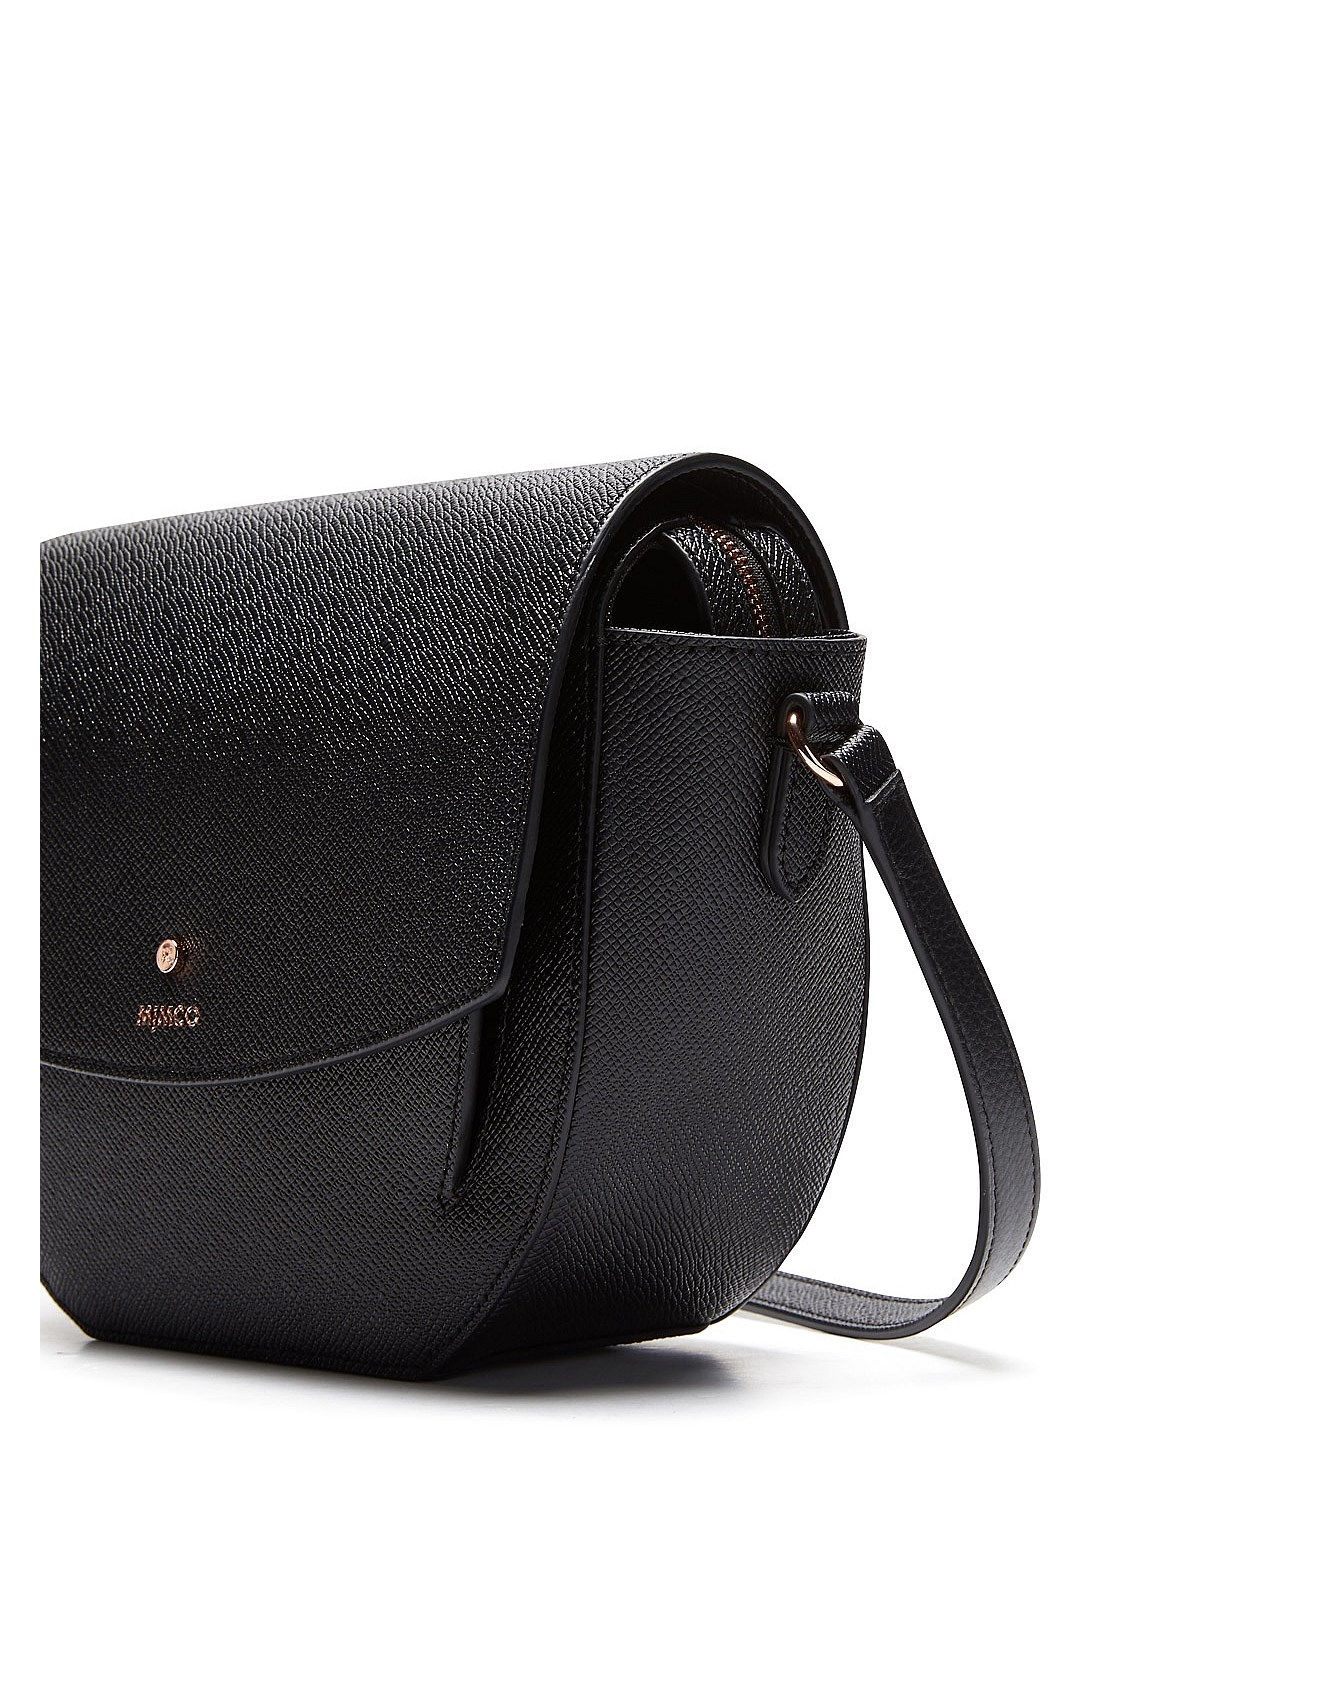 designer saddle bag - Ecosia c7e5bd48c0831